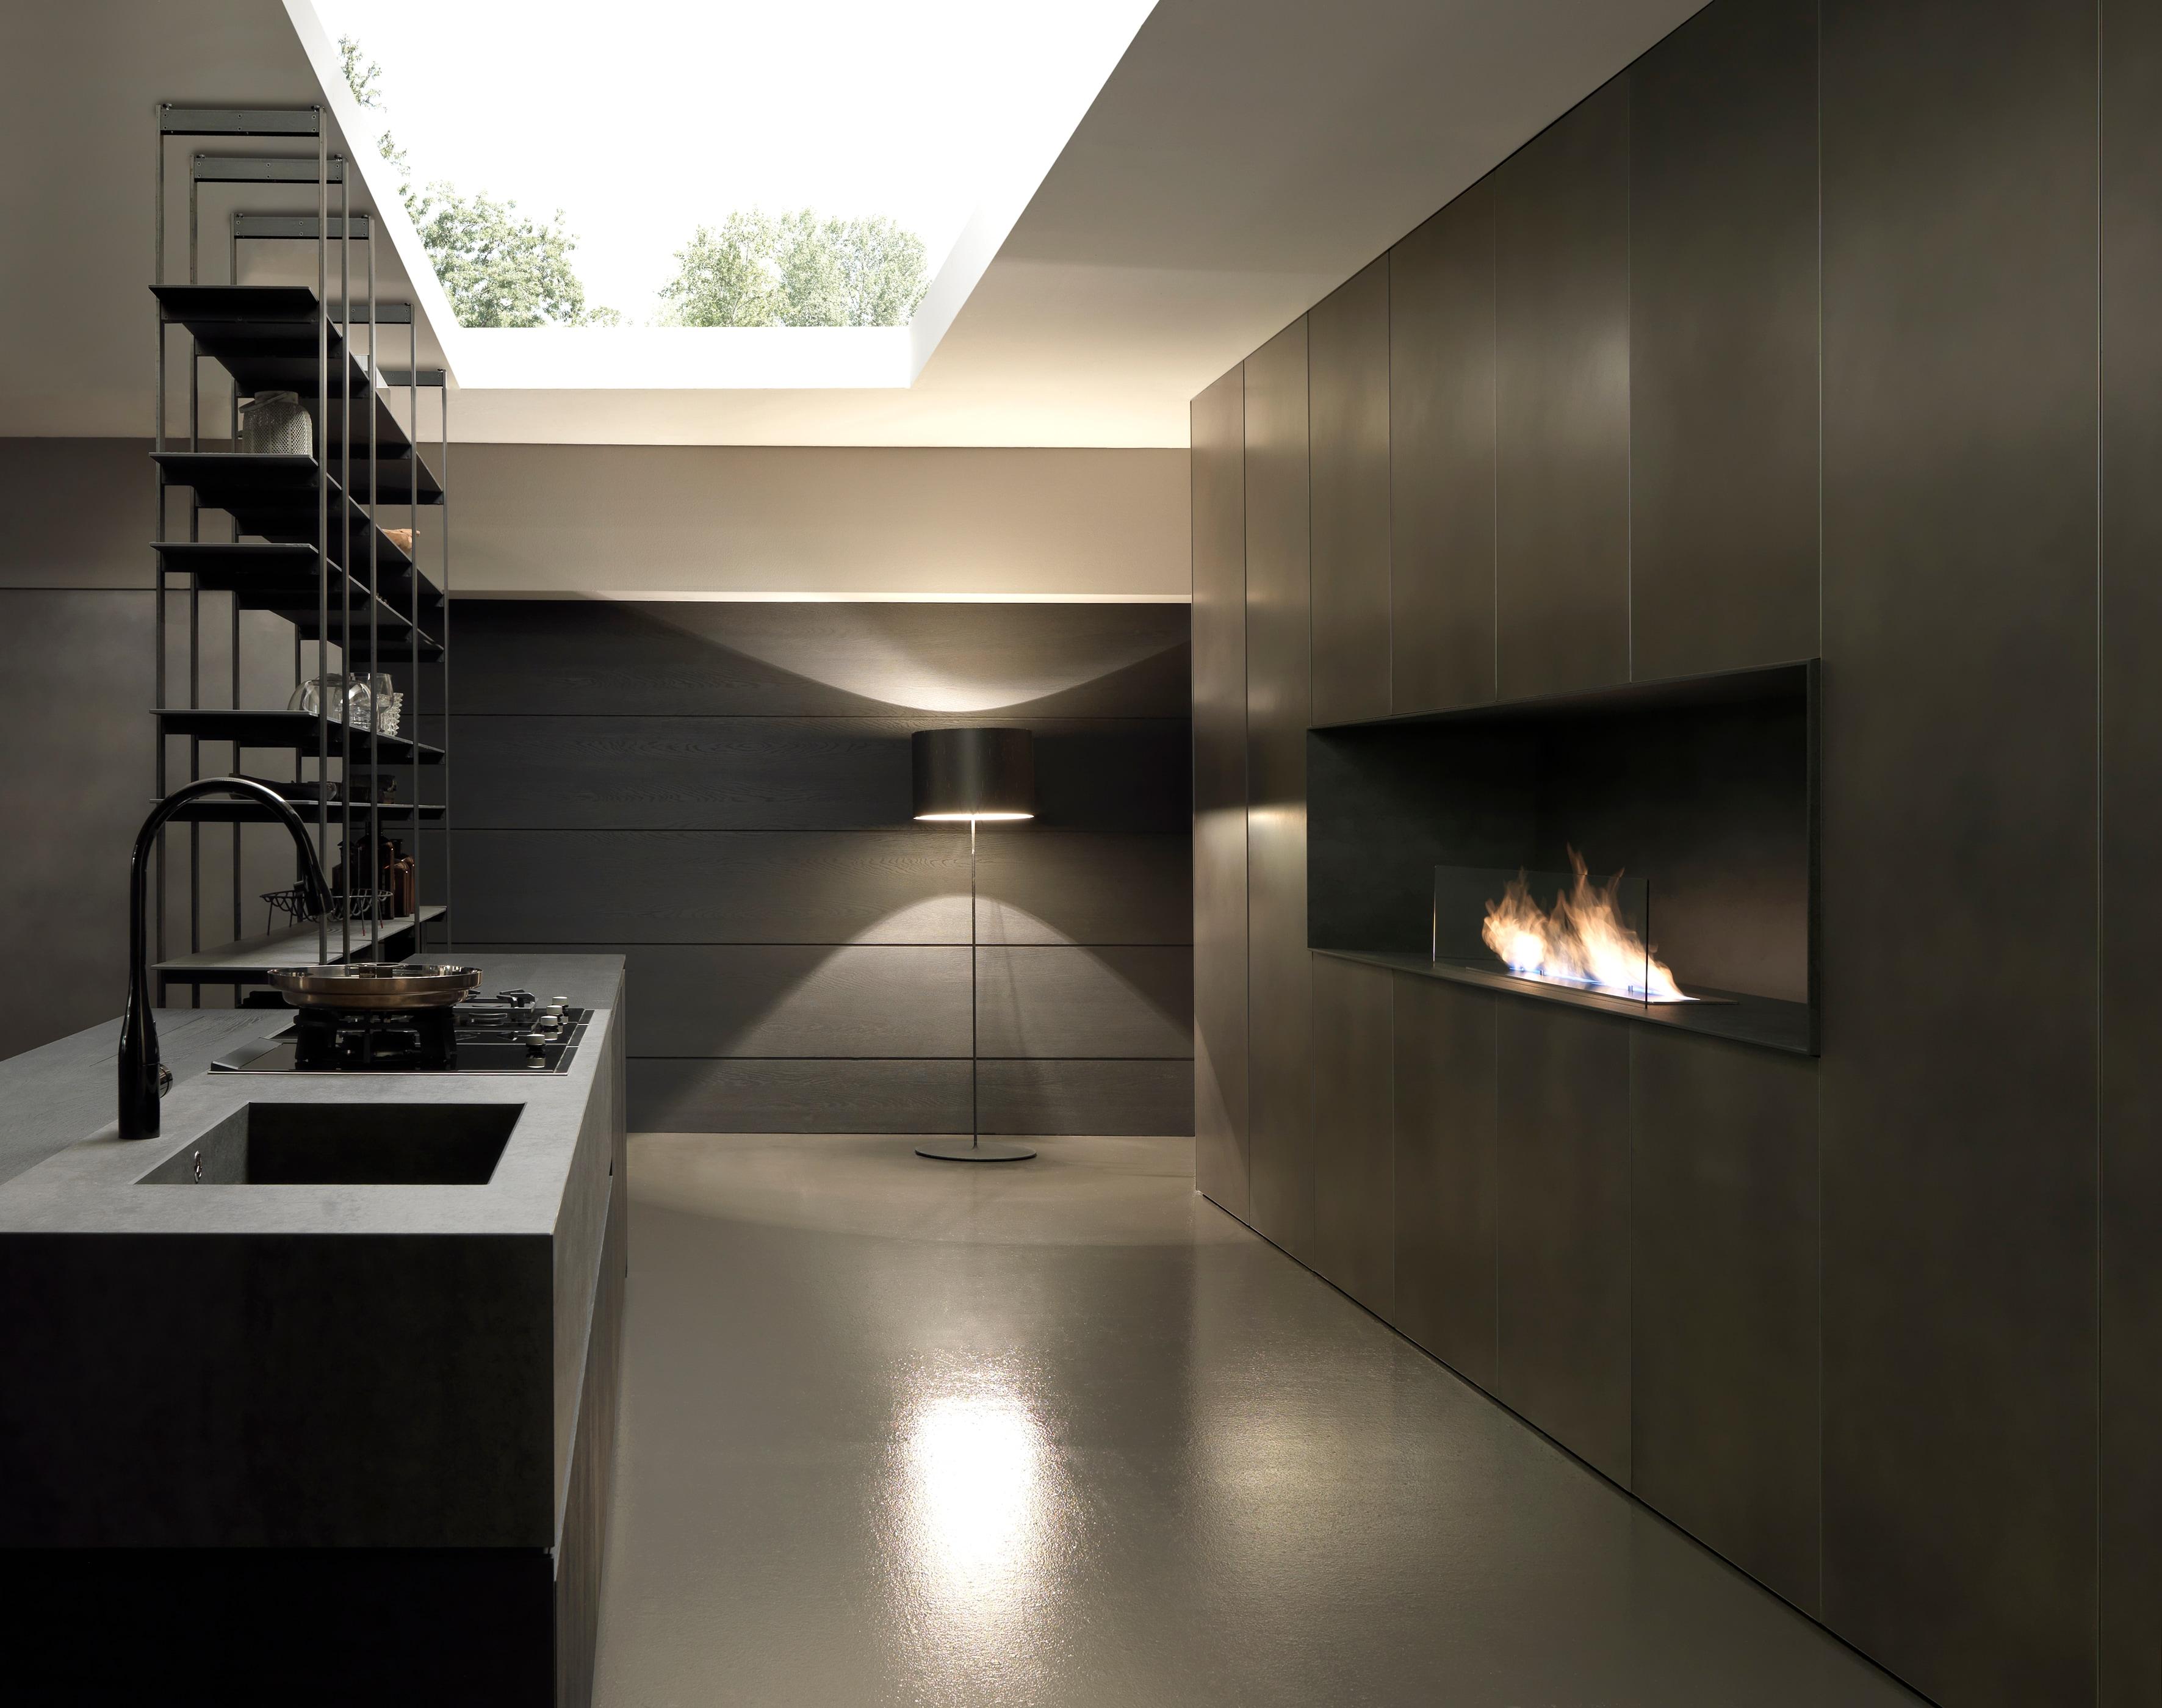 la rivoluzione progettuale in cucina - interni magazine - Soggiorno Cucina Con Camino 2